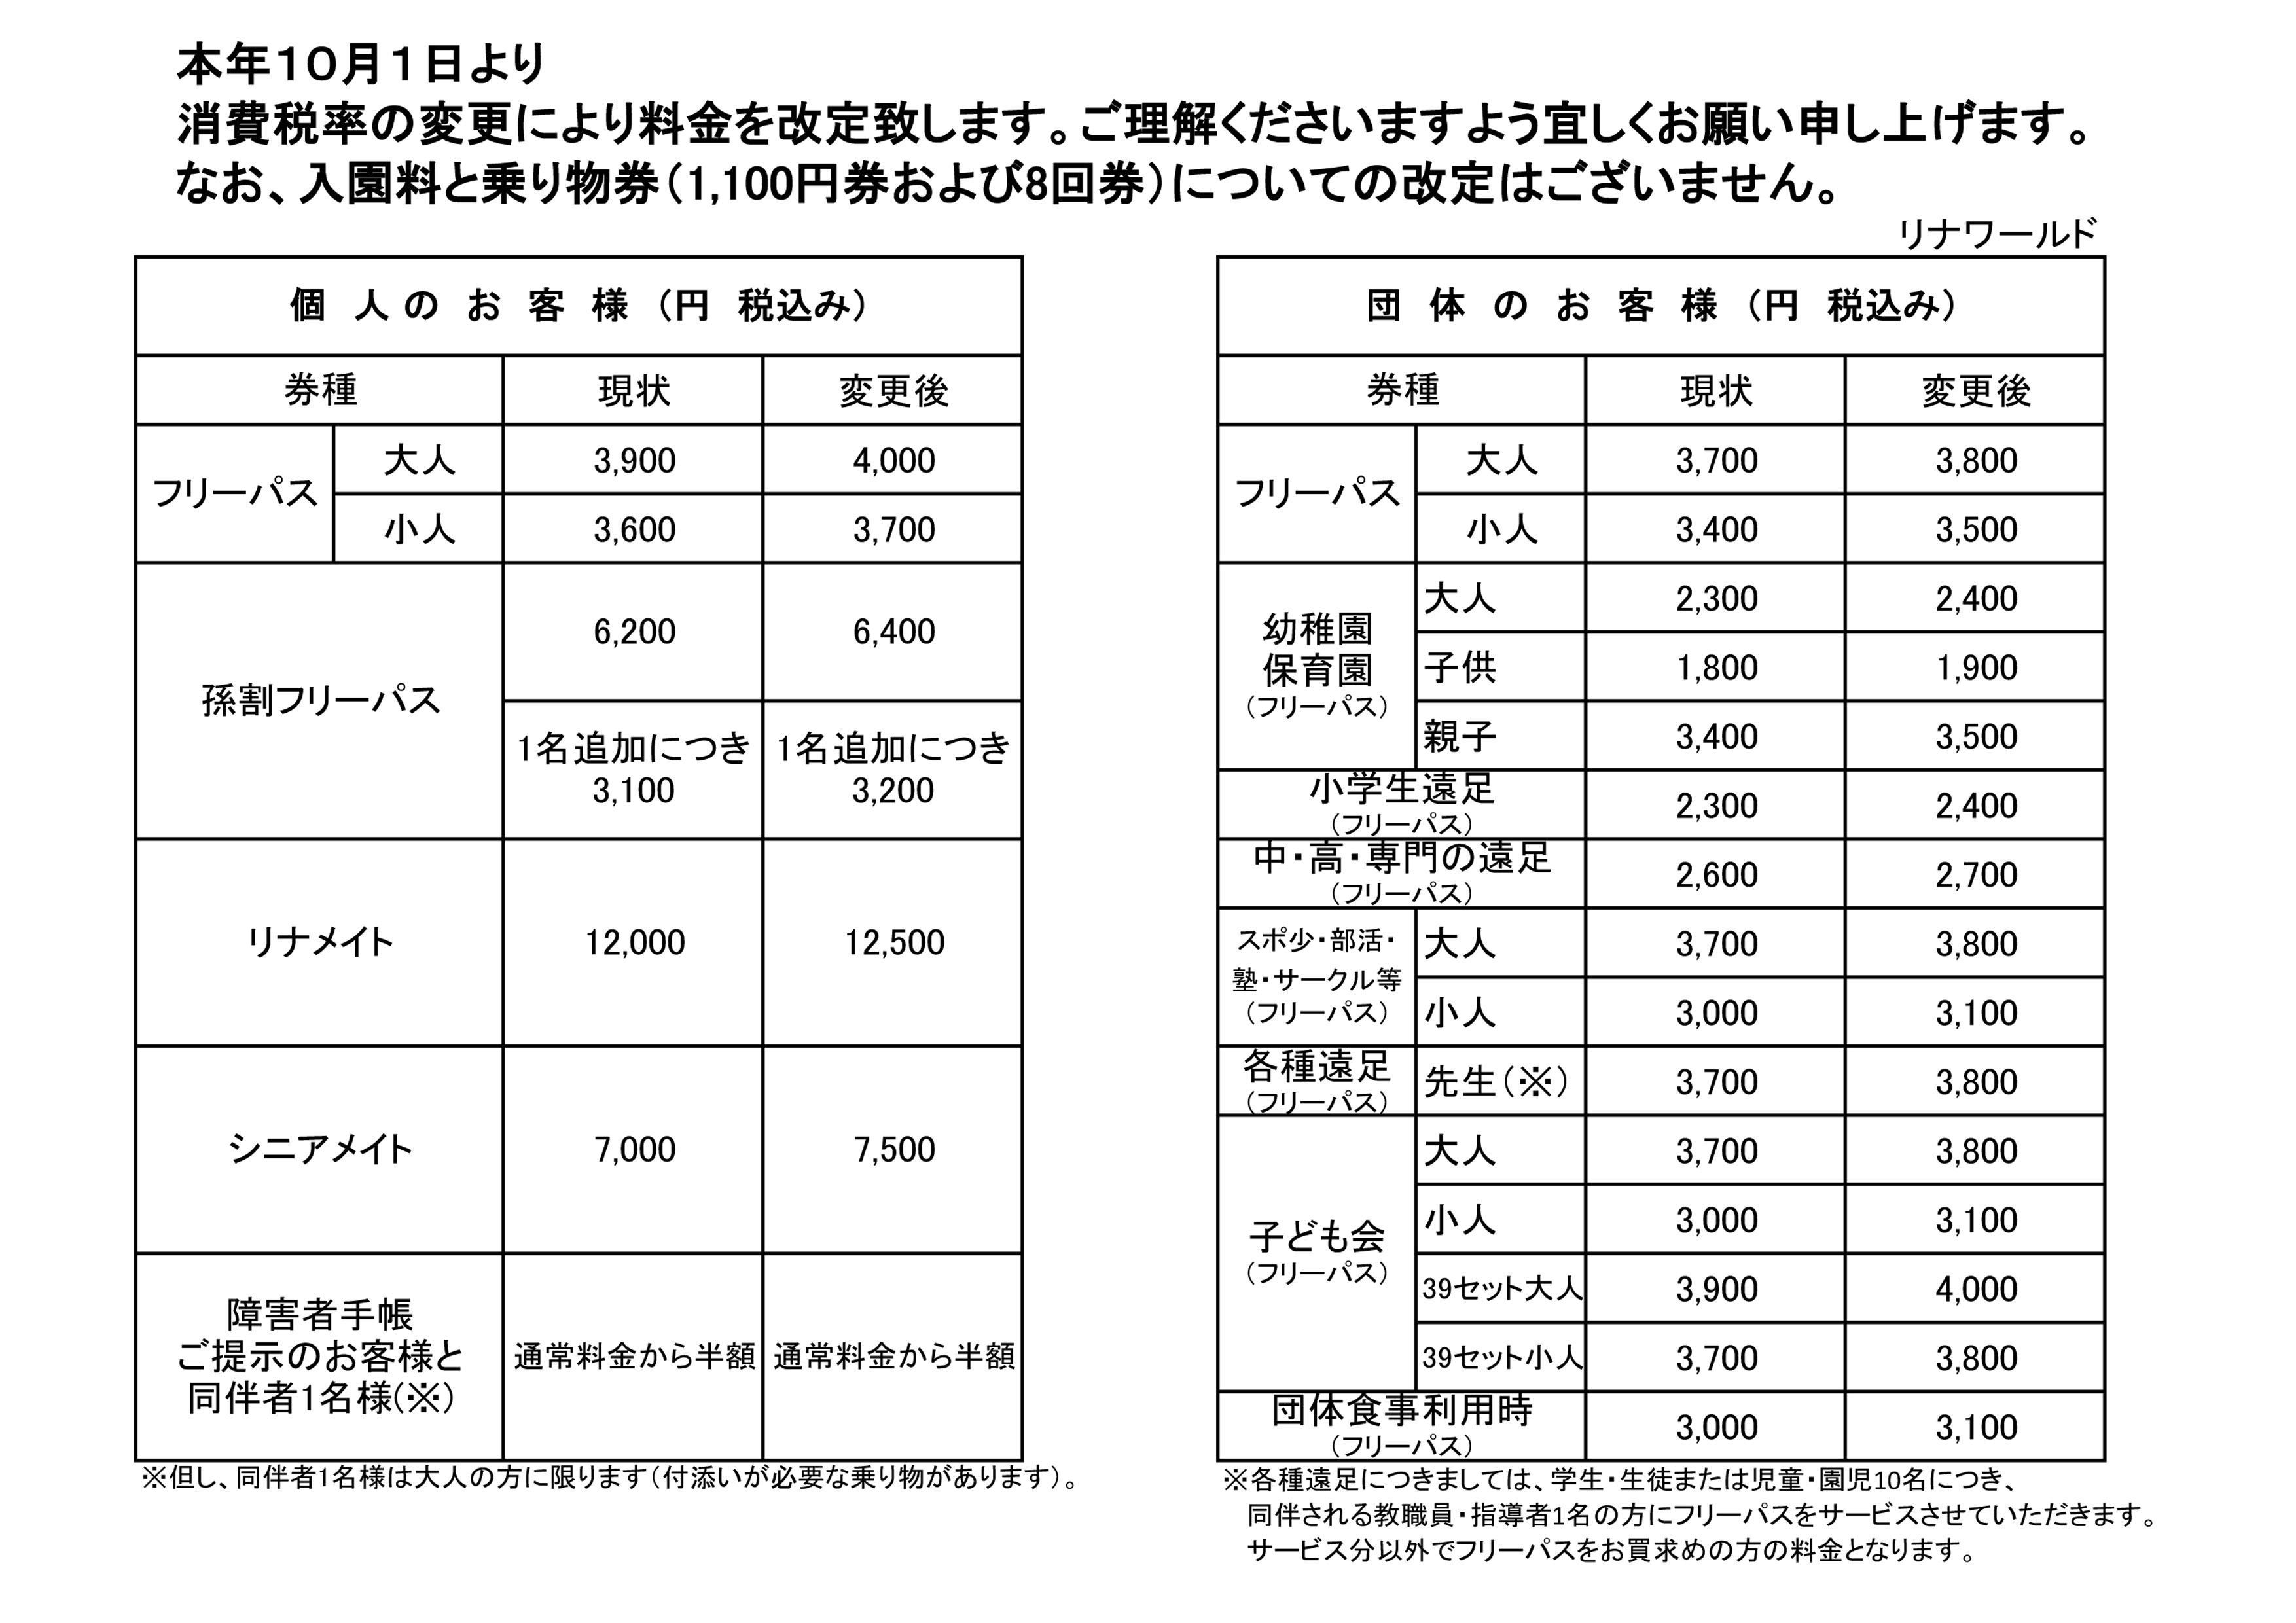 消費税率変更によるフリーパス料金の改定.jpg